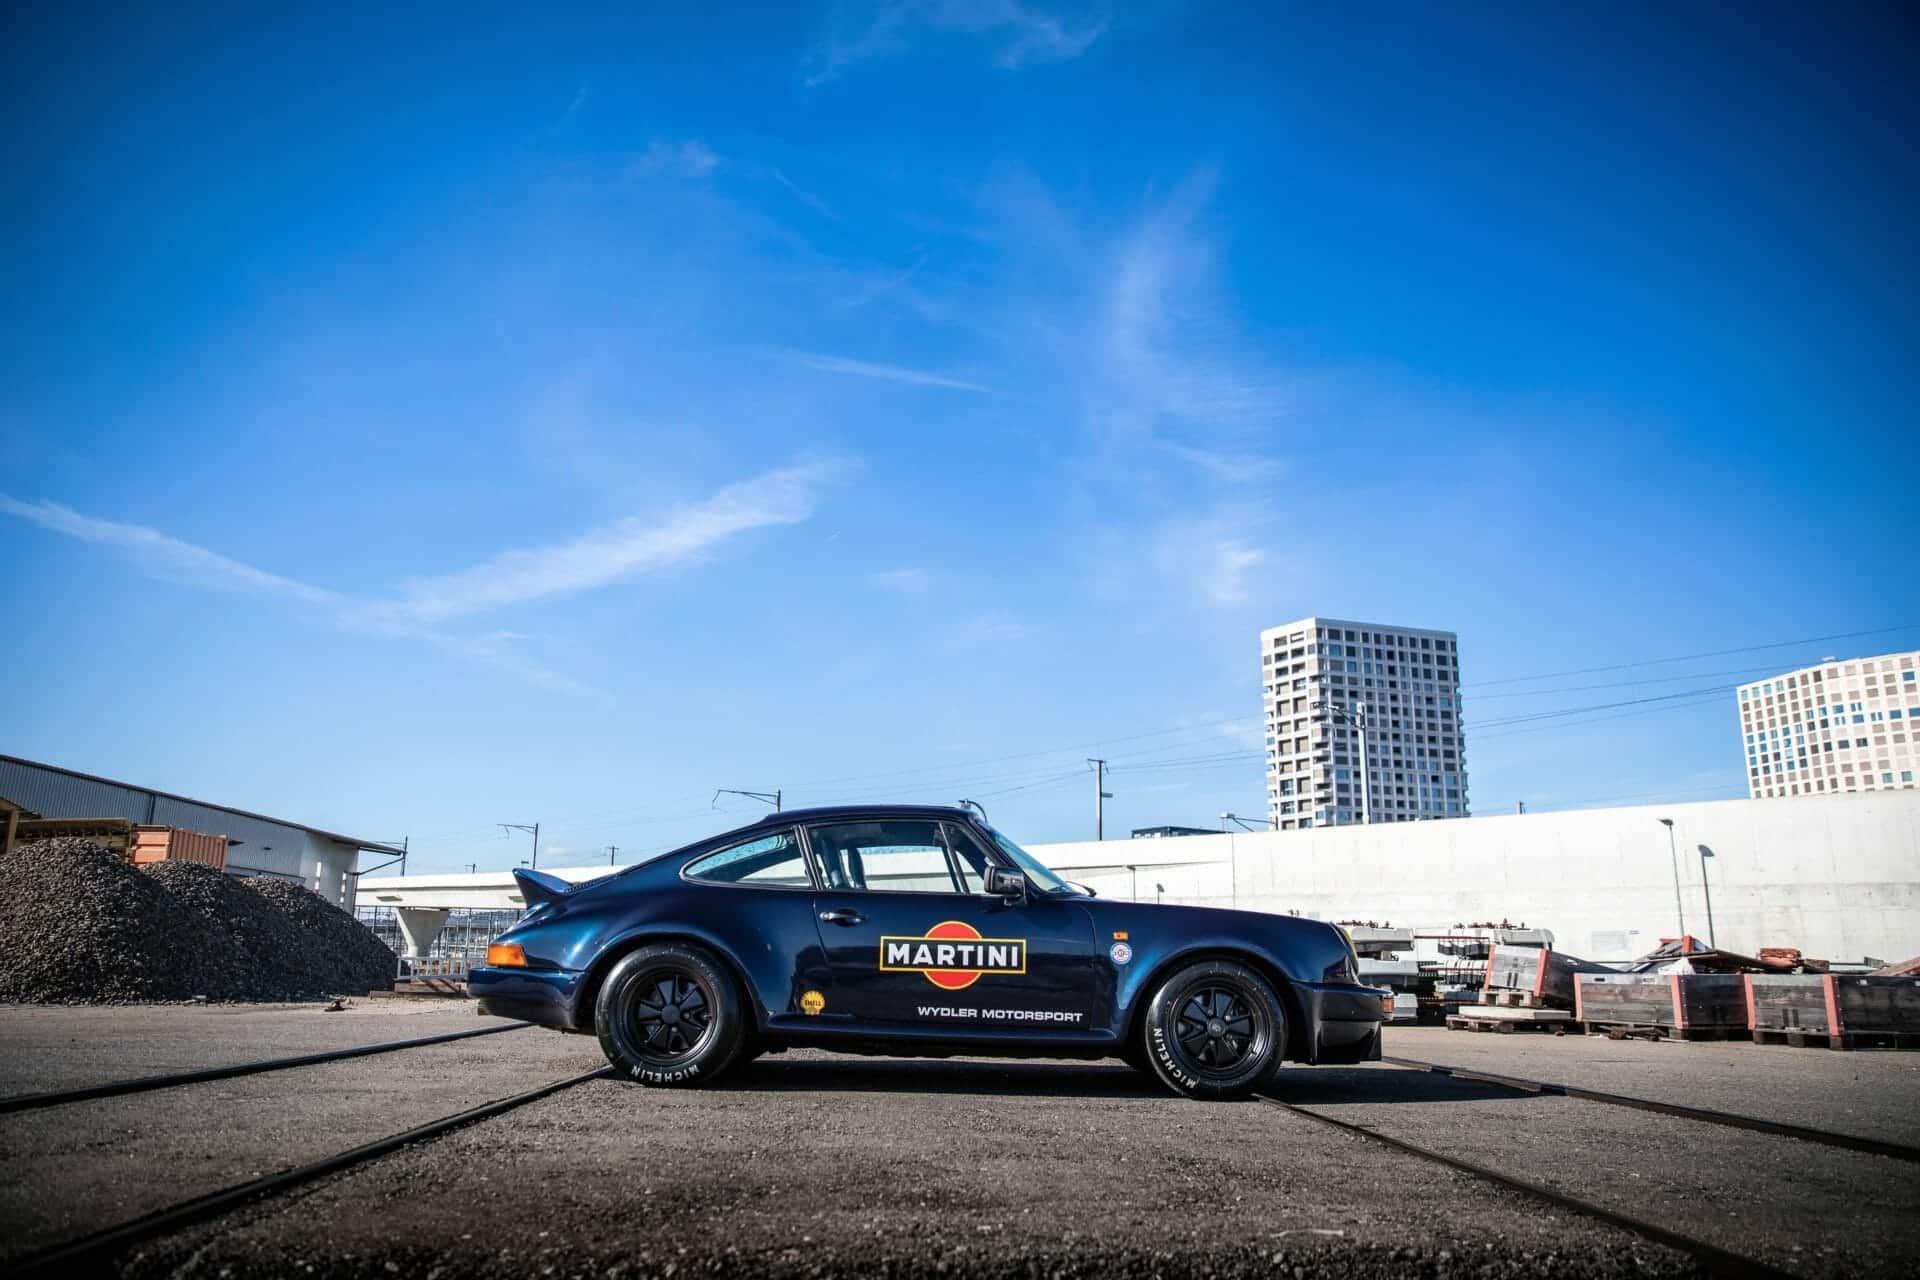 Porsche 911 Martini81 - Picture 14